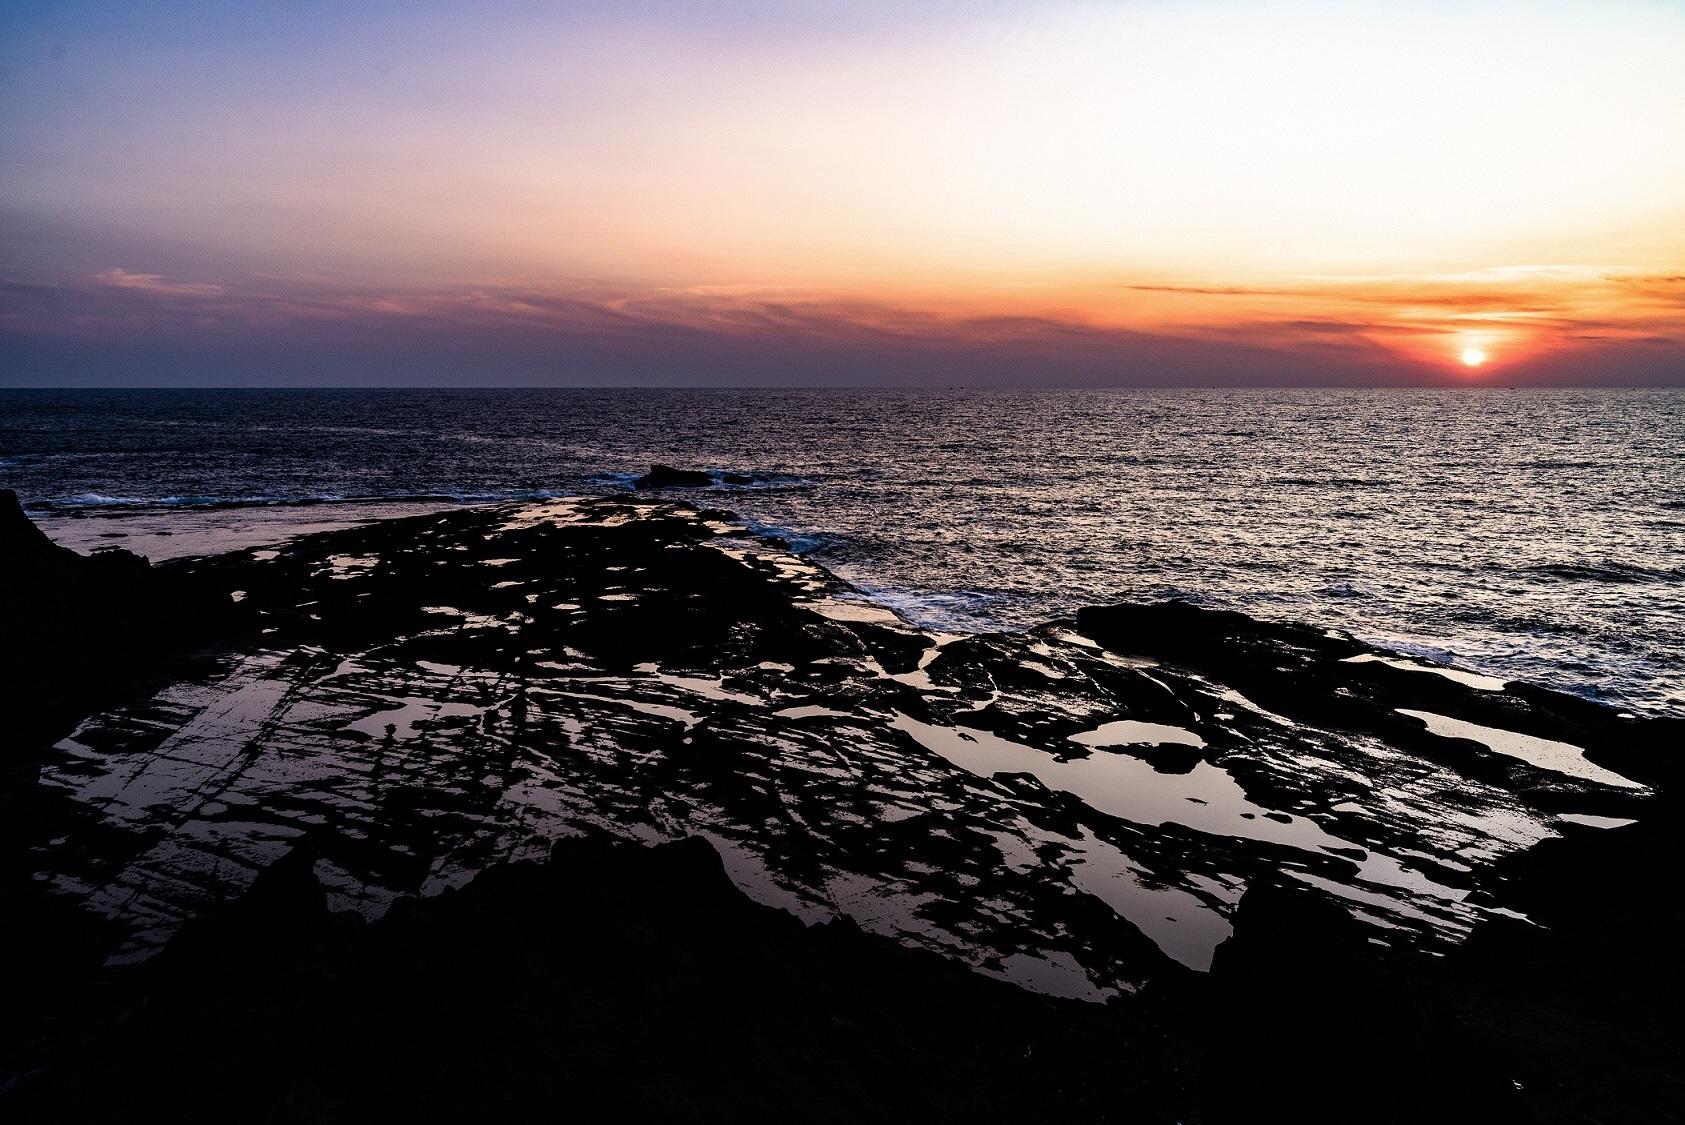 鴎島から望む日没